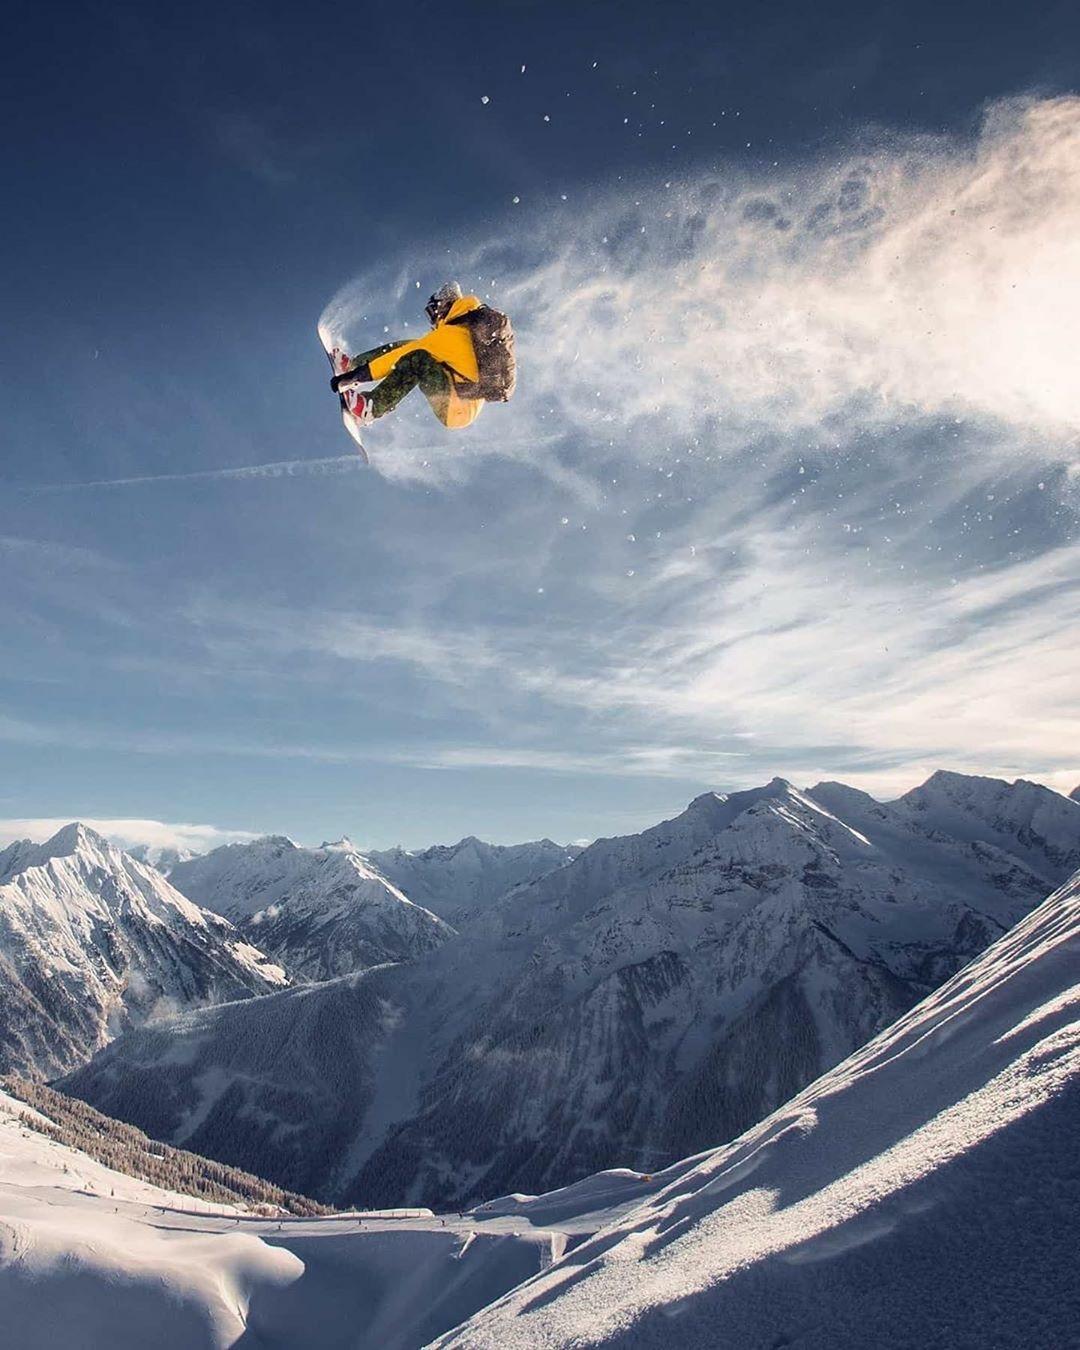 snowboarder getting big air